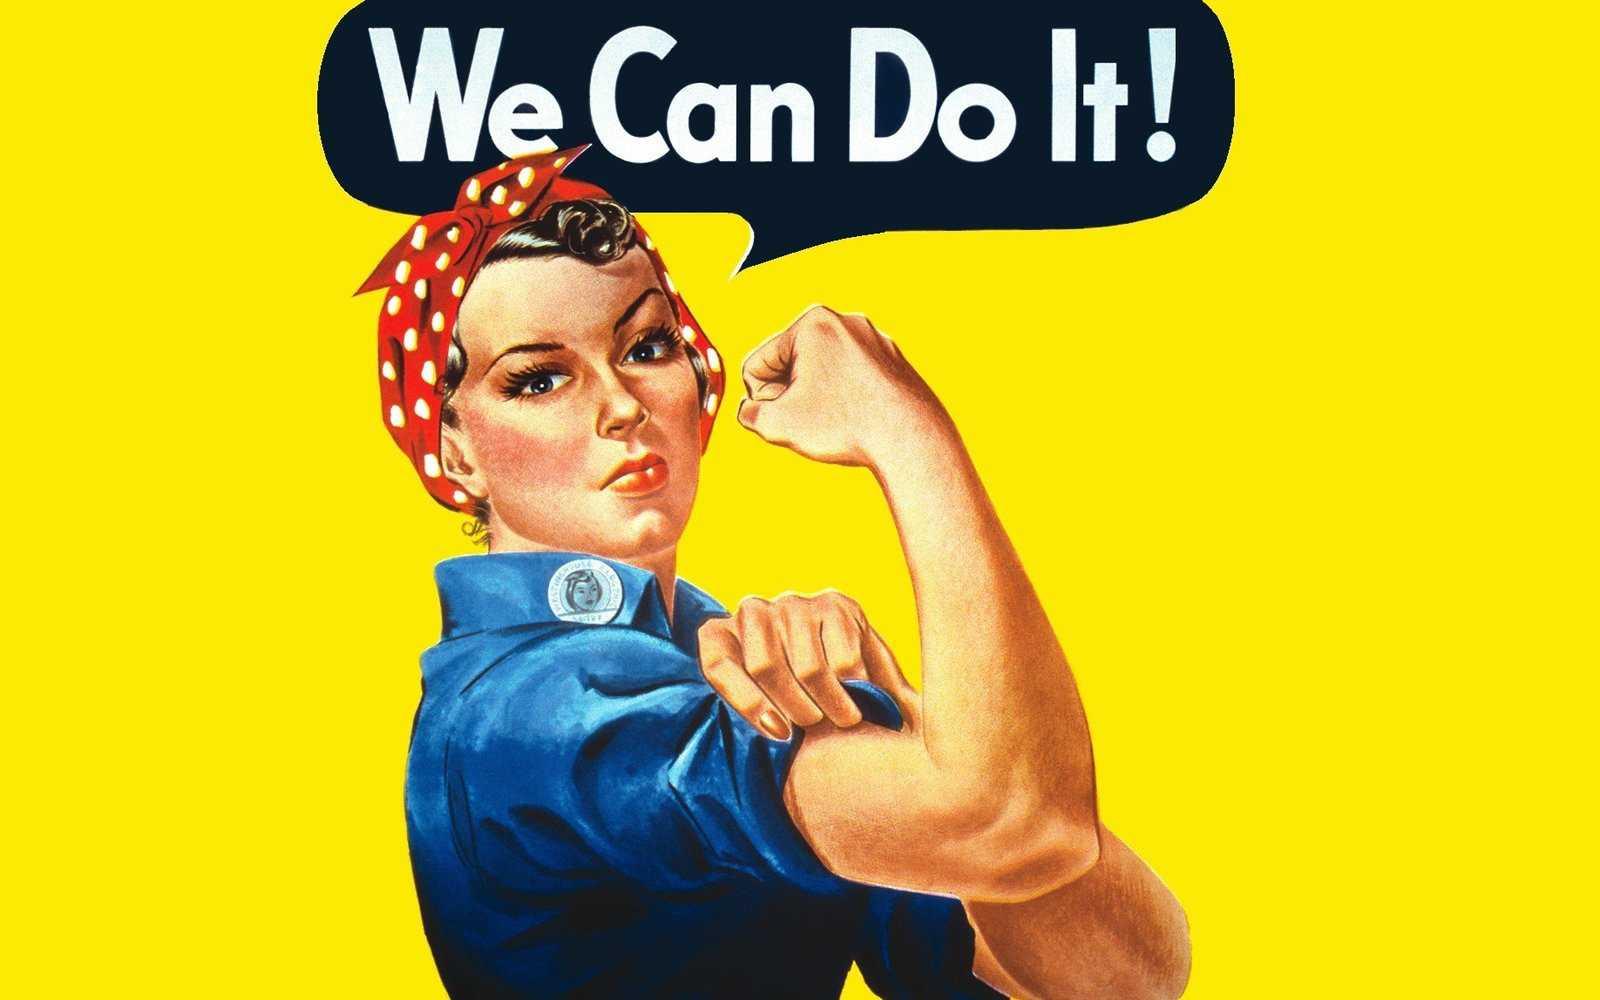 """8 MARTIE – CUM S-A NASCUT, PRIN MISTIFICARE, """"ZIUA FEMEII"""" DINTR-O CELEBRARE A INCEPUTULUI REVOLUTIEI BOLSEVICE. Pentru ce """"emancipari"""" mai lupta socialist-feministele de astazi? PR. OCTAVIAN MOŞIN: """"Ar trebui totuşi să ştim ce sărbătorim!"""""""